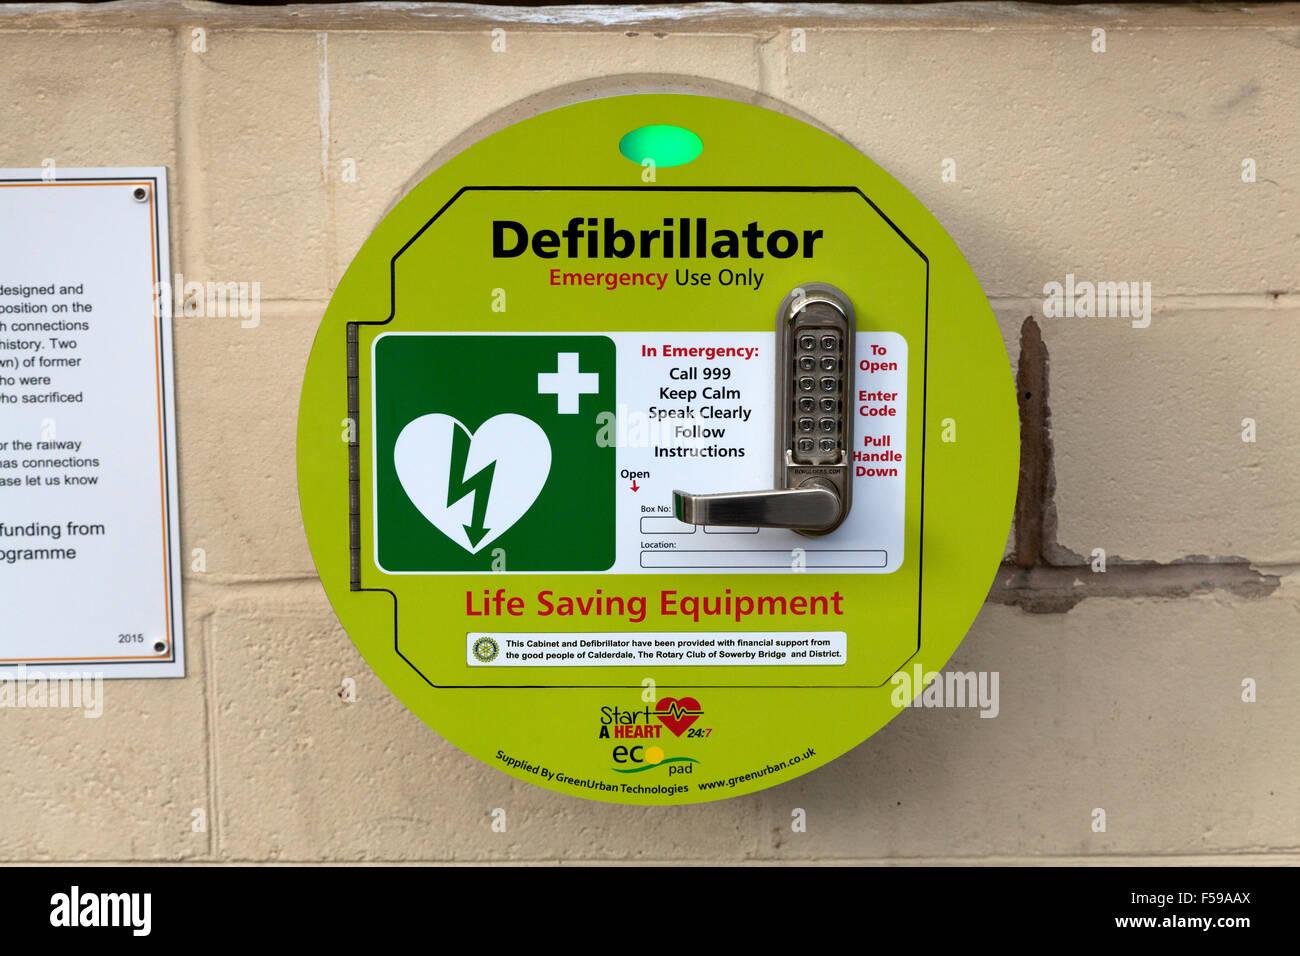 Defibrillator installiert am Bahnhof Sowerby Bridge, West Yorkshire Stockfoto